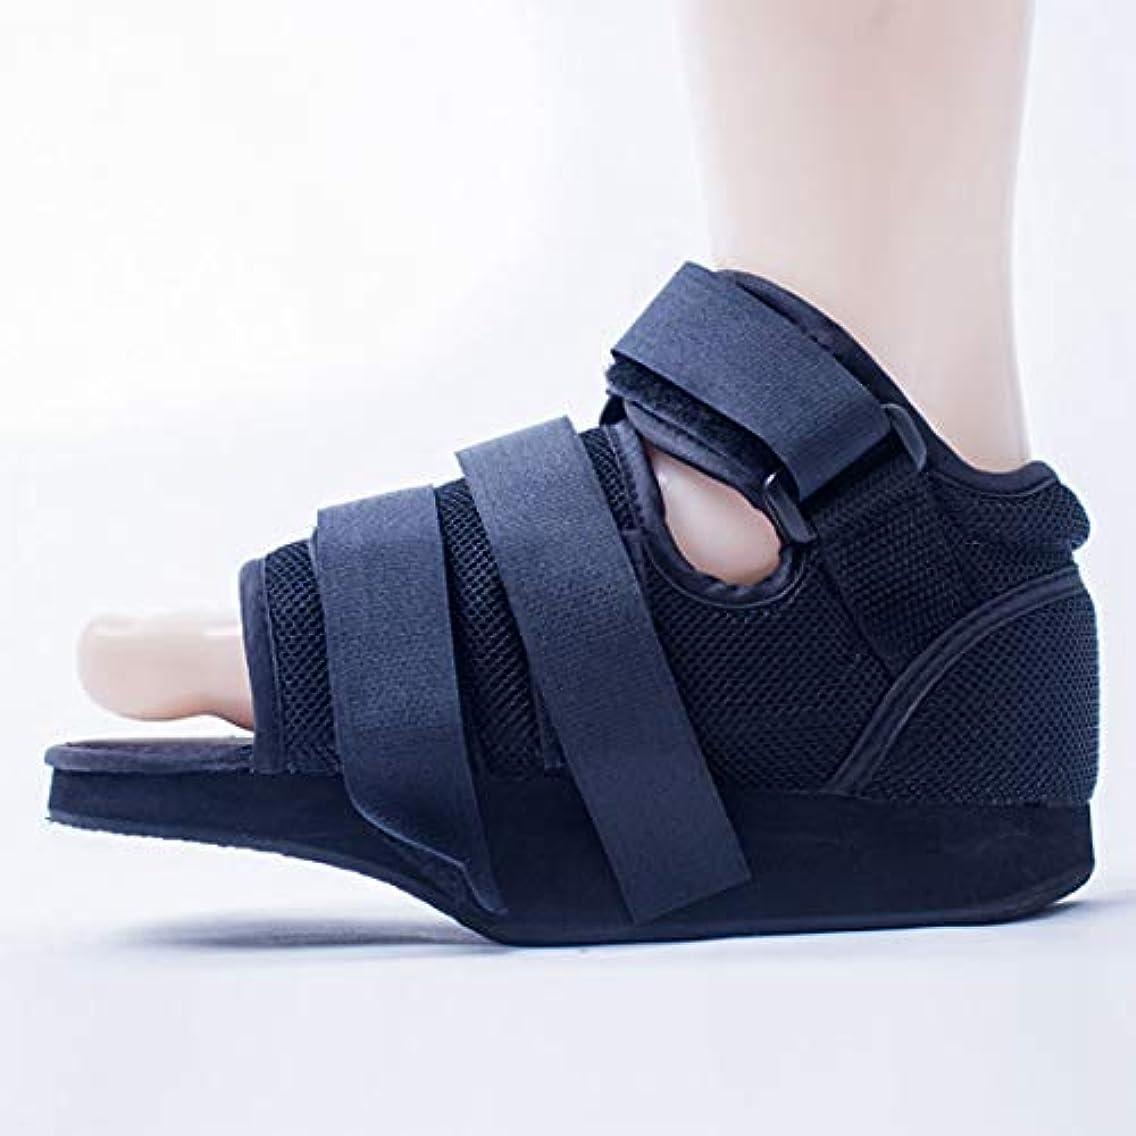 神経衰弱比類のない哲学的医療足骨折石膏の回復靴の手術後のつま先の靴を安定化骨折の靴を調整可能なファスナーで完全なカバー,M25.5cm